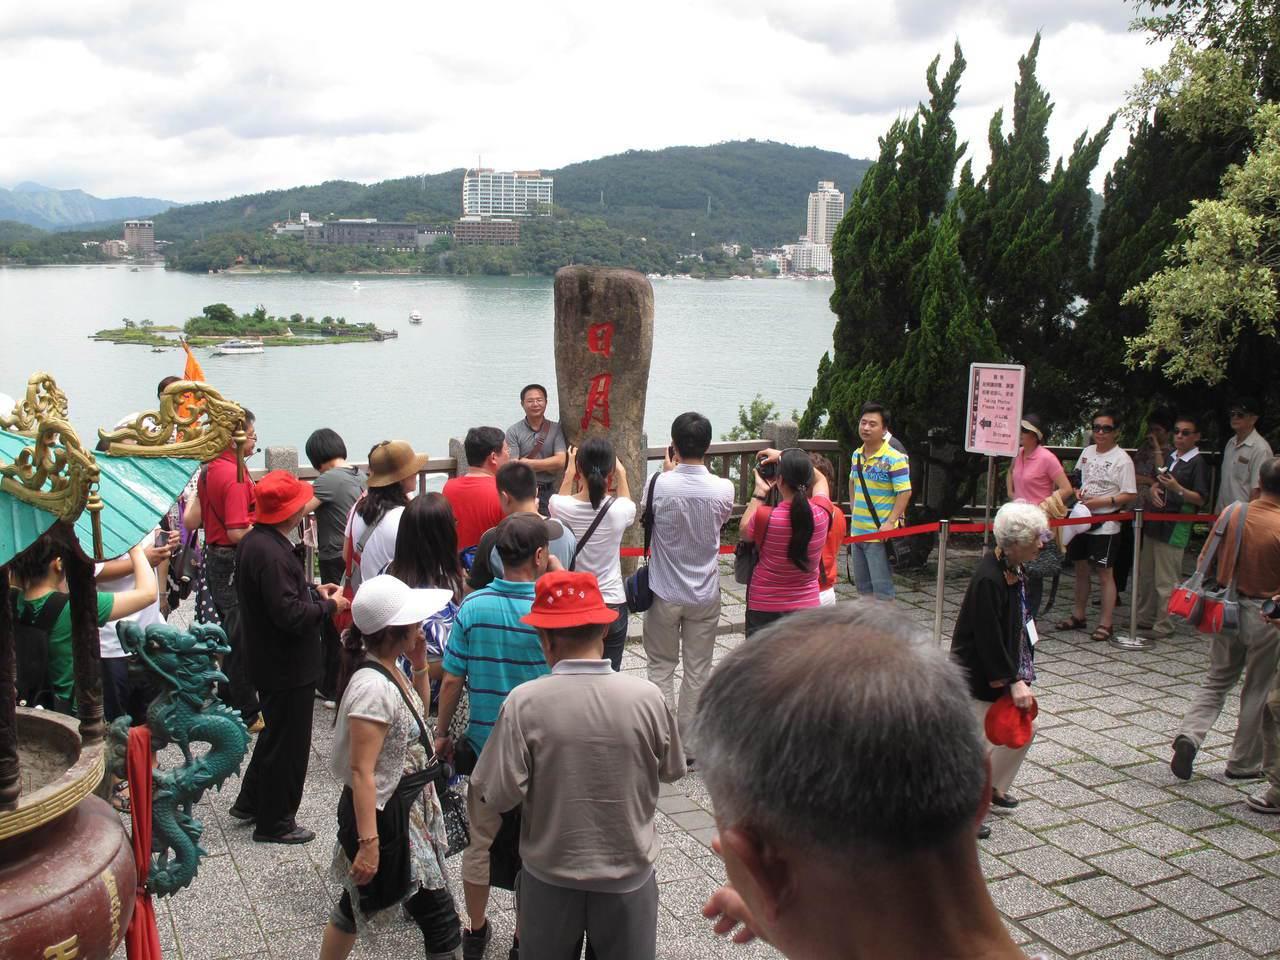 日月潭是陸客必遊的台灣景點之一,大陸全面限縮自由行,讓南投觀光業者衝擊相當大。聯...